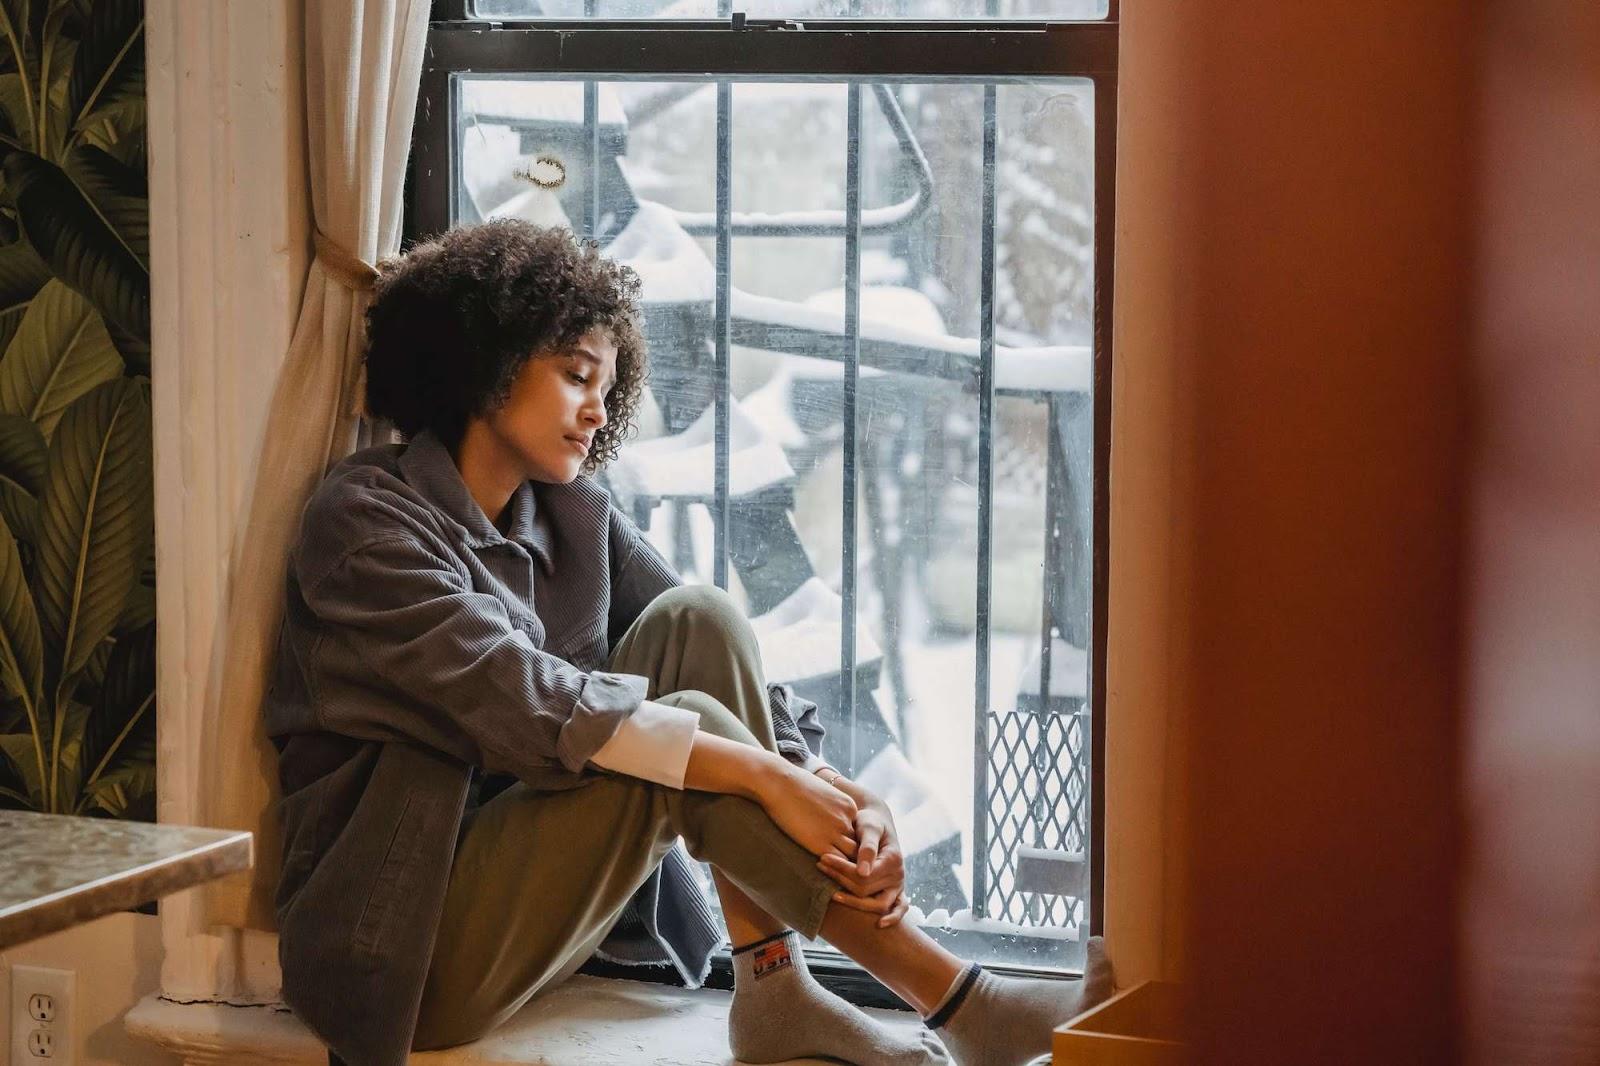 Sad woman sitting in windowsill